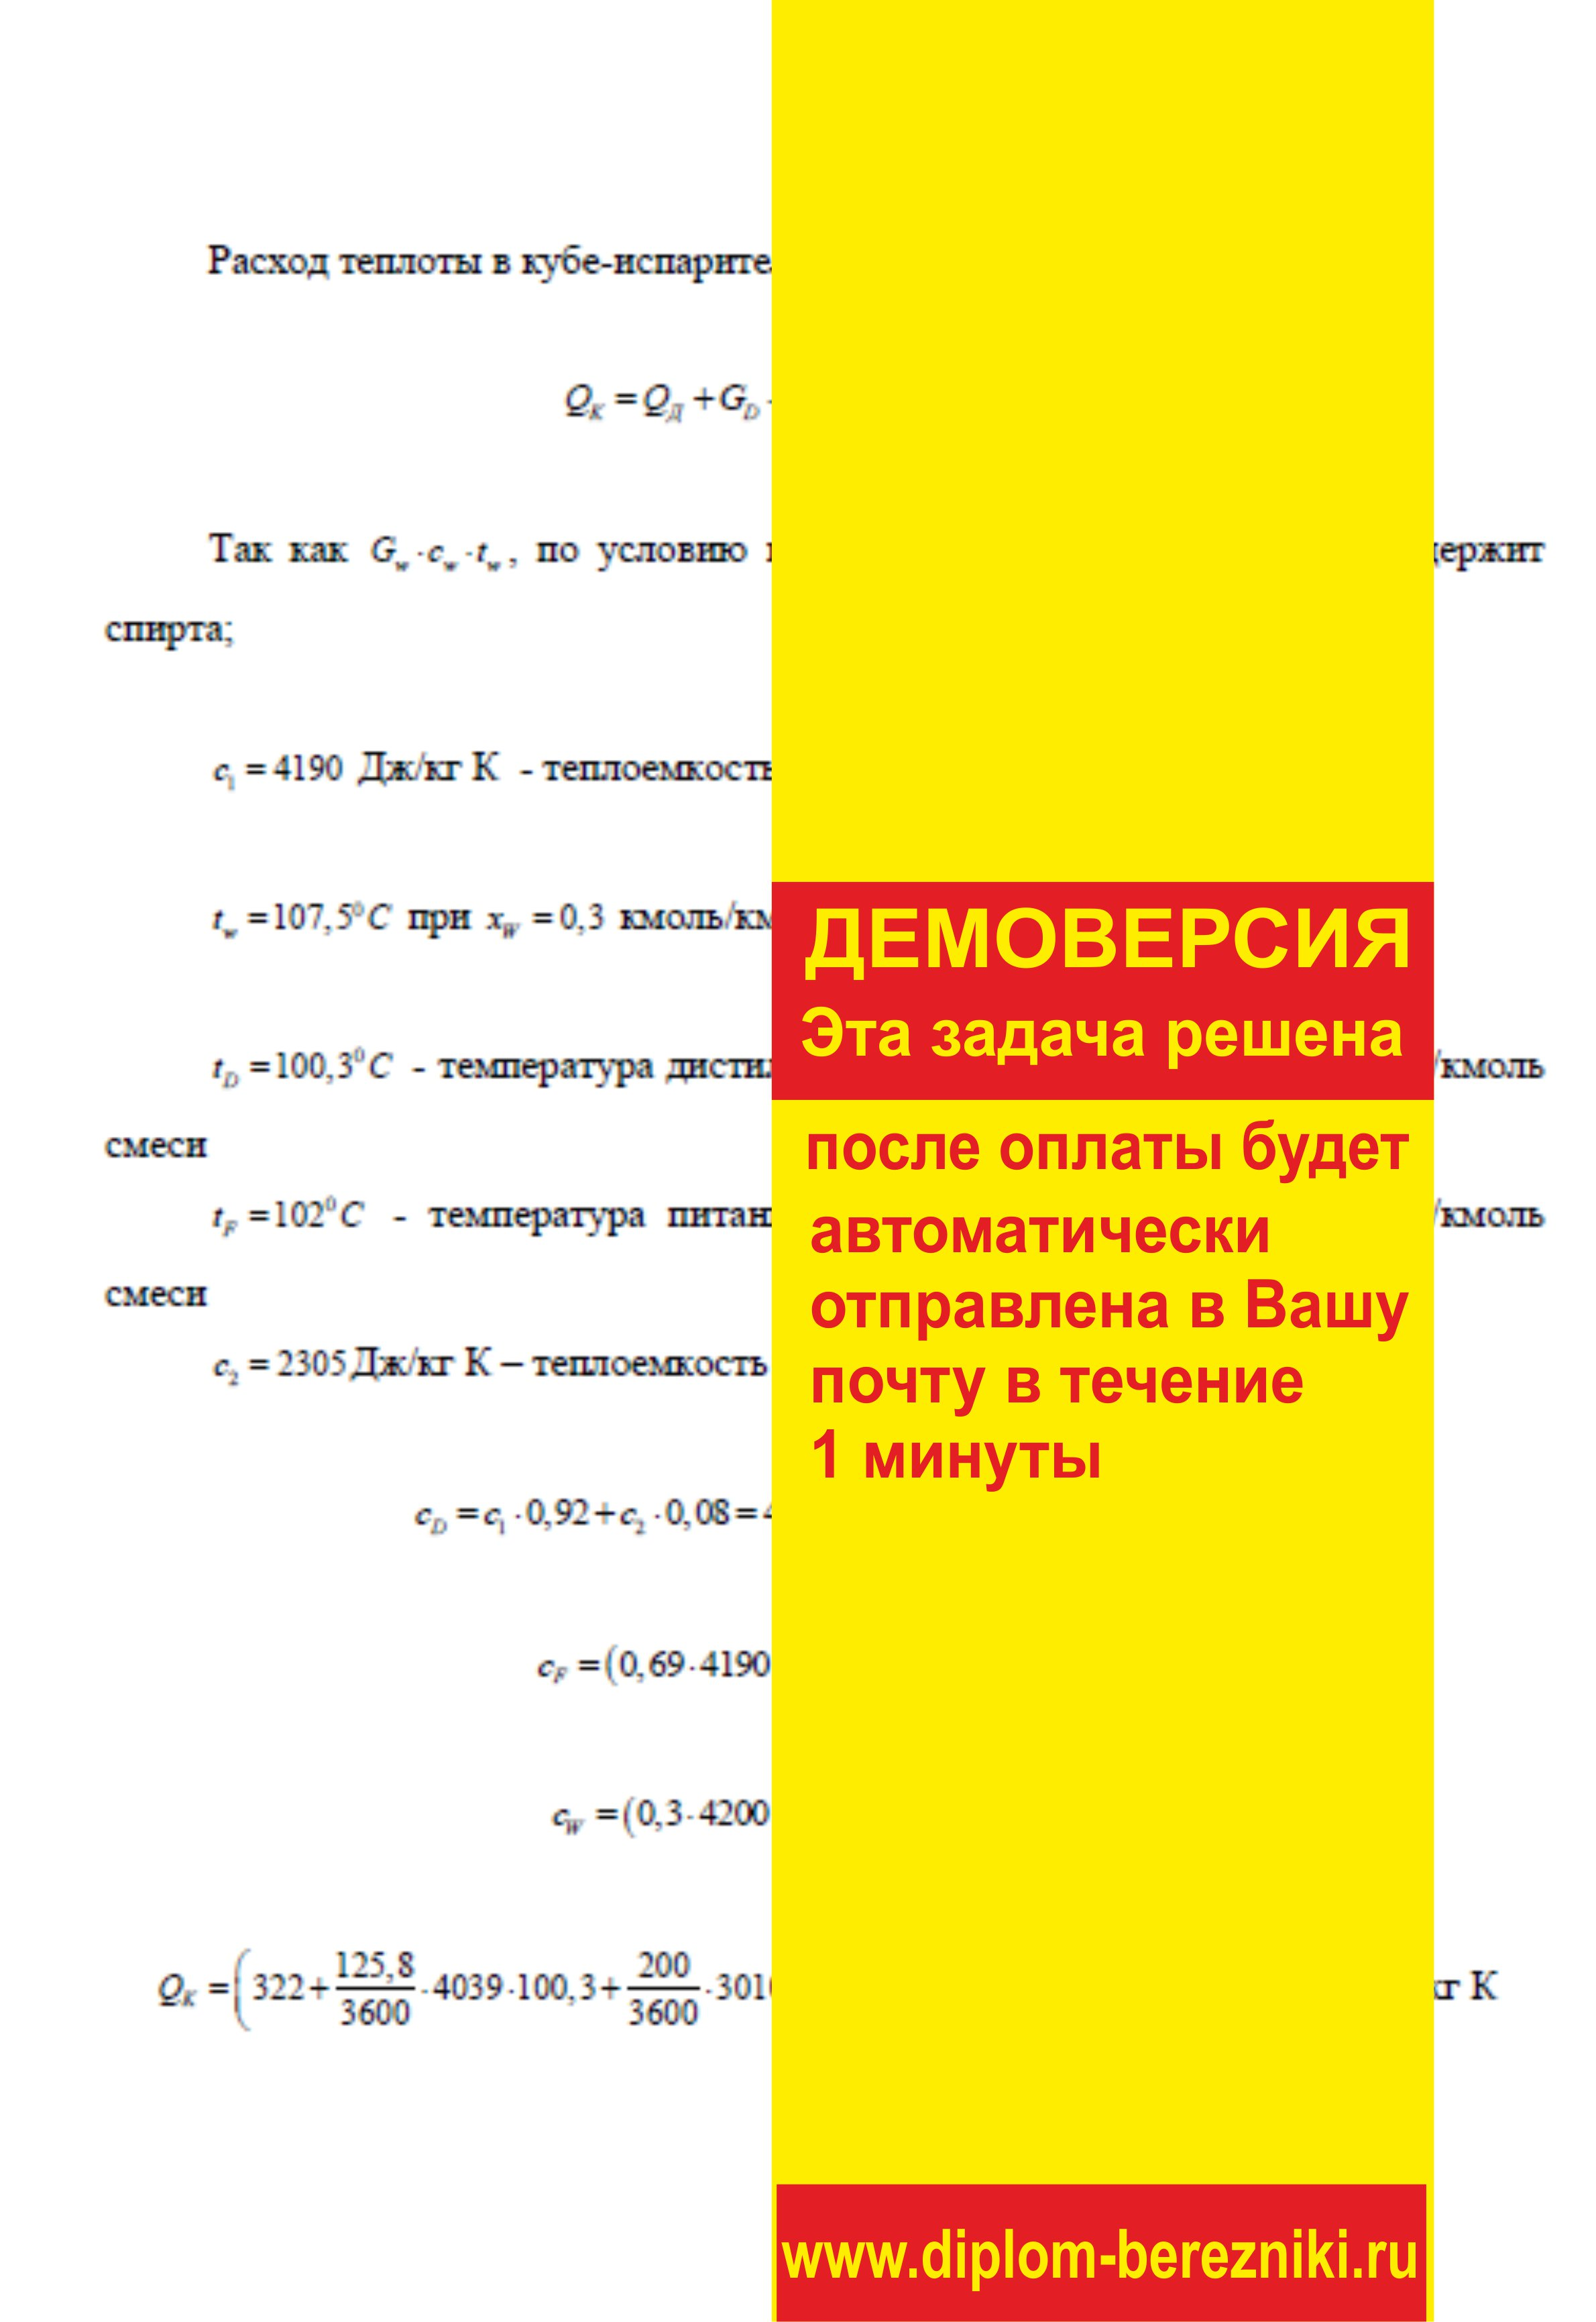 Решение задачи 7.19 по ПАХТ из задачника Павлова Романкова Носкова